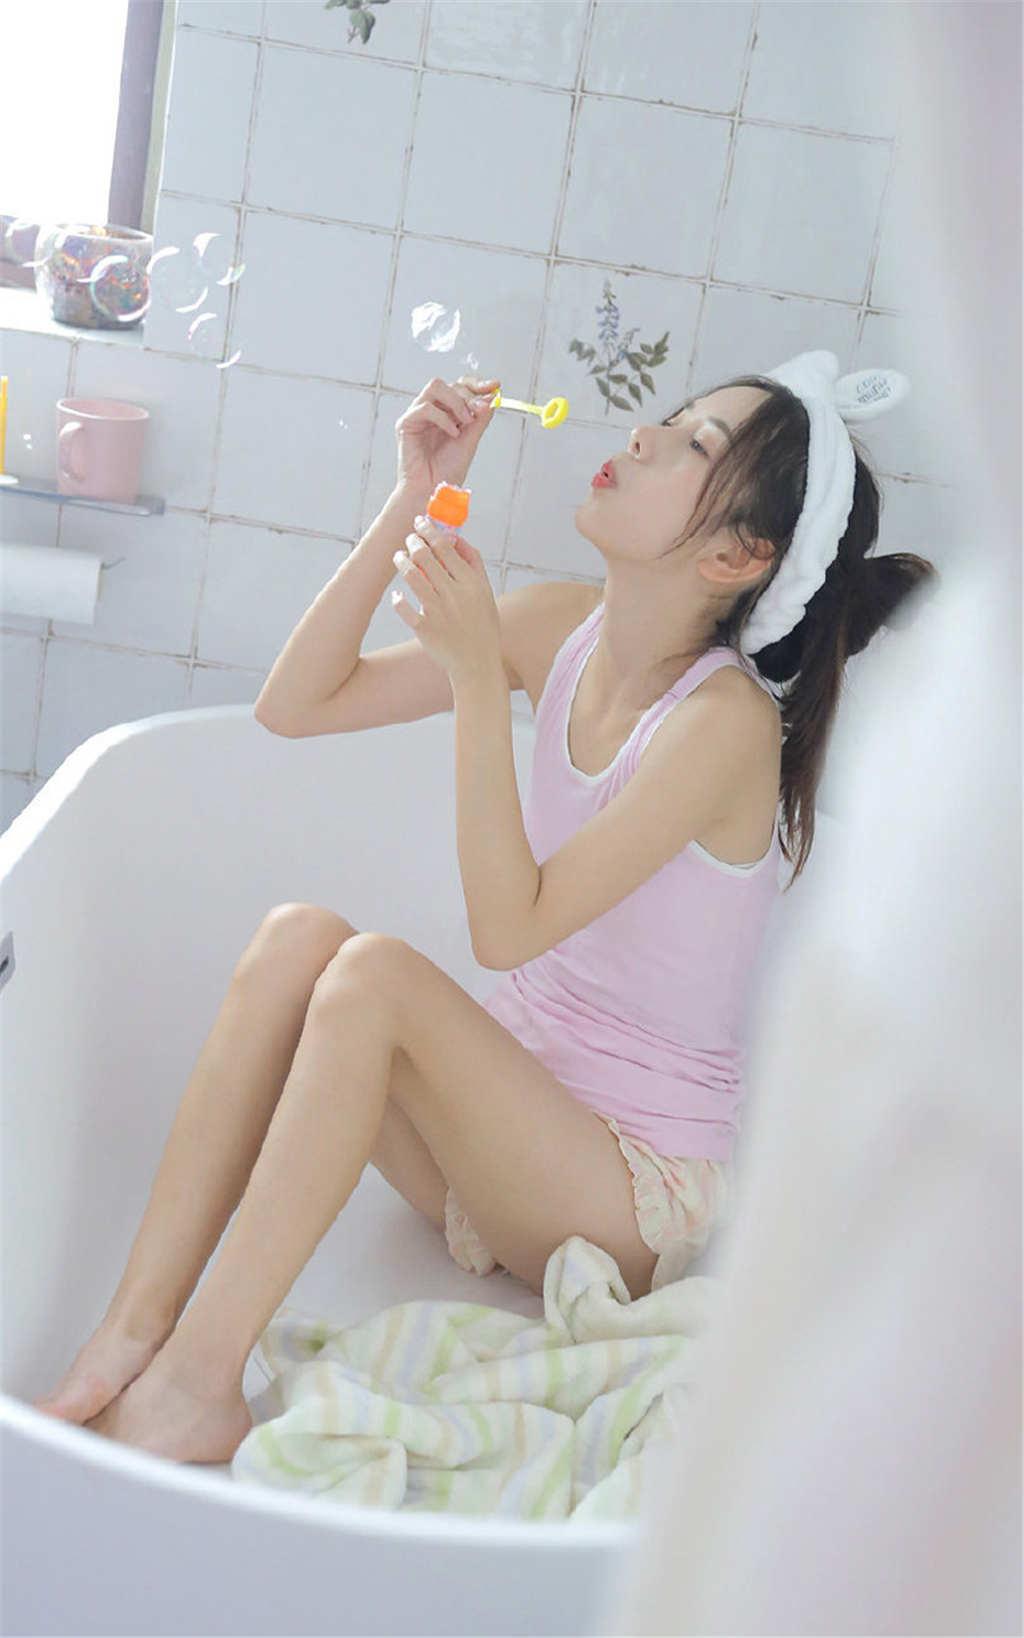 可爱短裤吊带美女浴室玩泡泡写真(点击浏览下一张趣图)